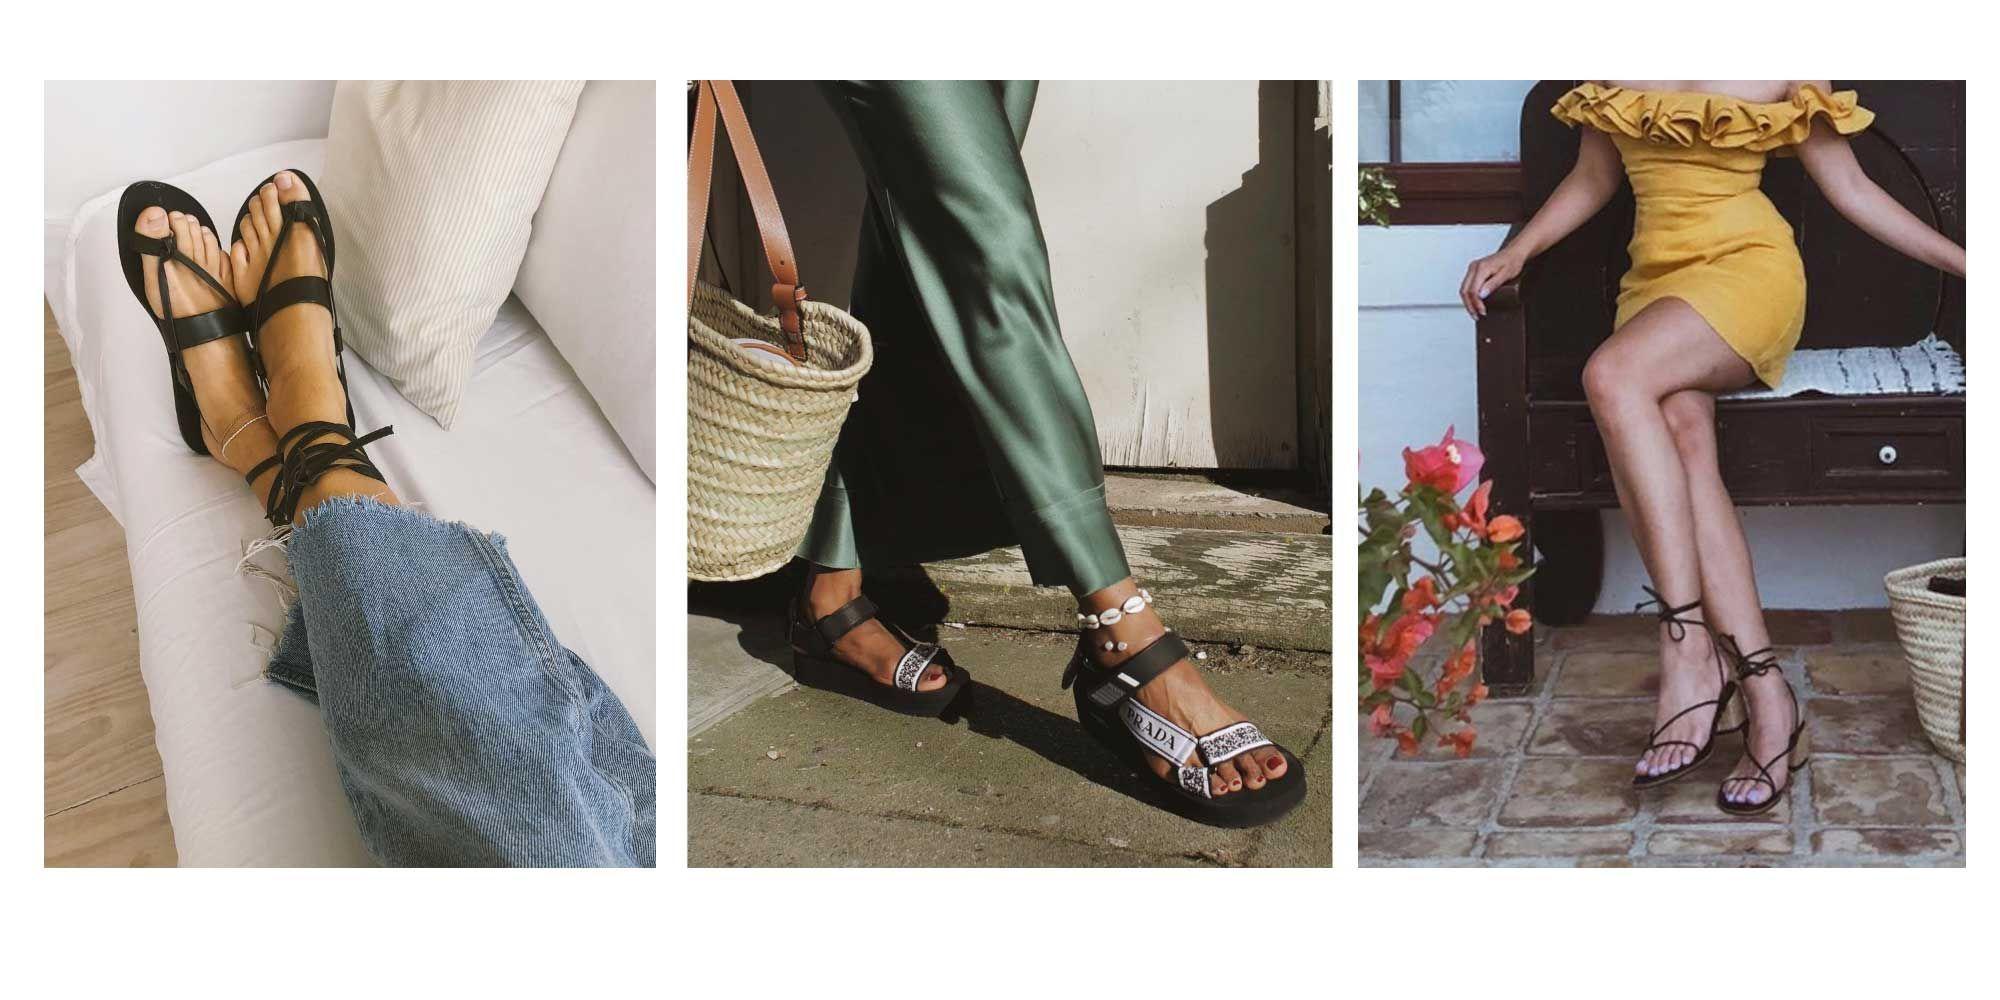 34b910262 Las tendencias en sandalias que vas a ver este verano - Sandalias de verano  2019